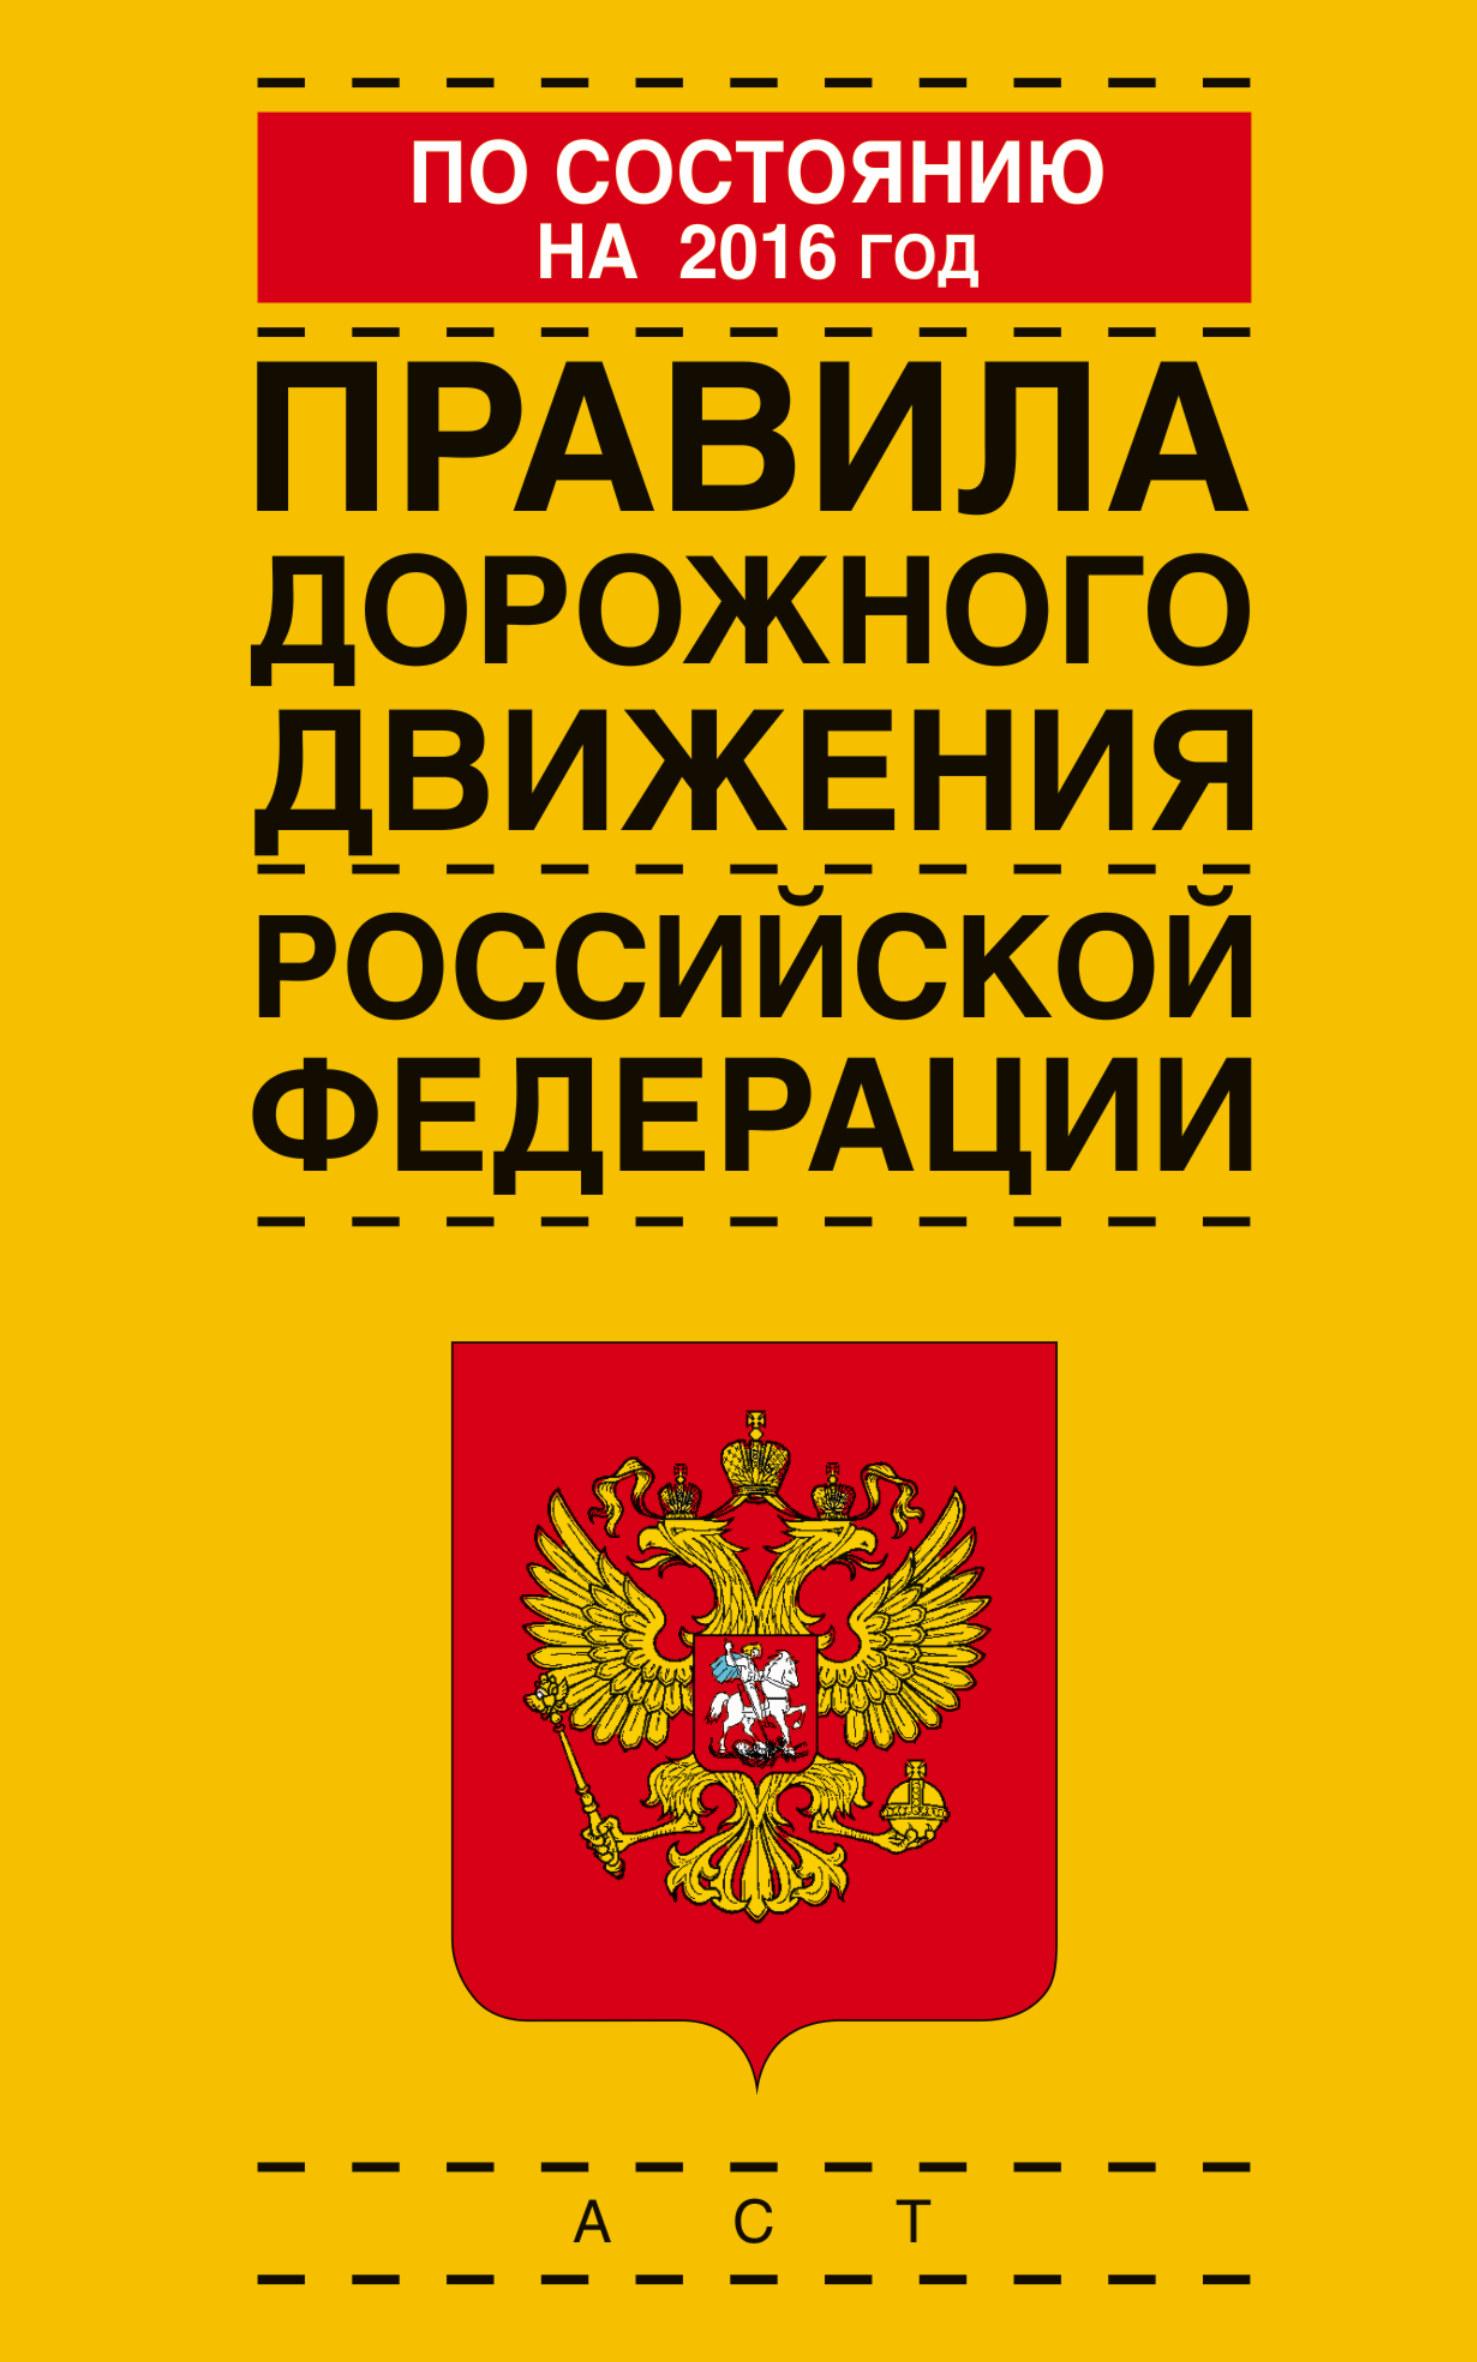 Правила дорожного движения Российской Федерации по состоянию на 2016 год какую машину начинающему водителю недорого